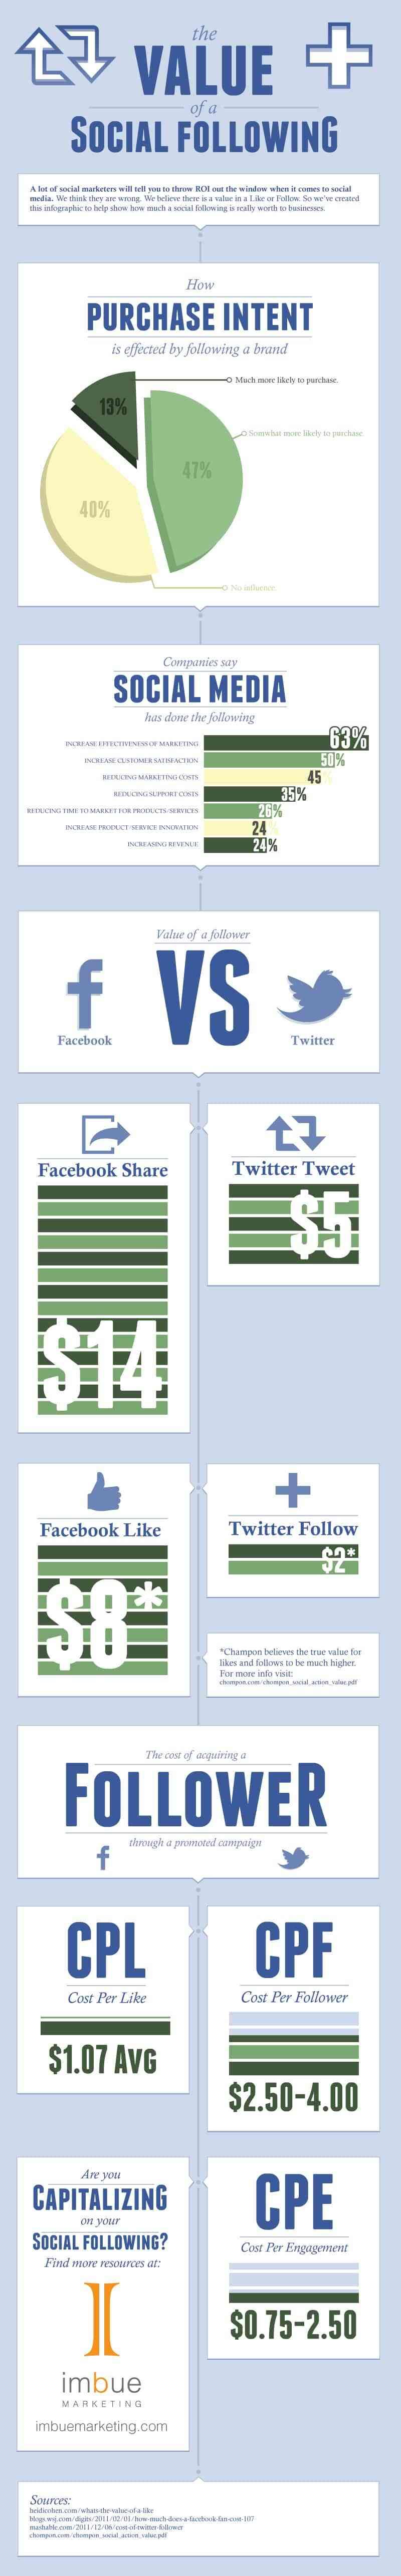 valor de los seguidores en redes sociales